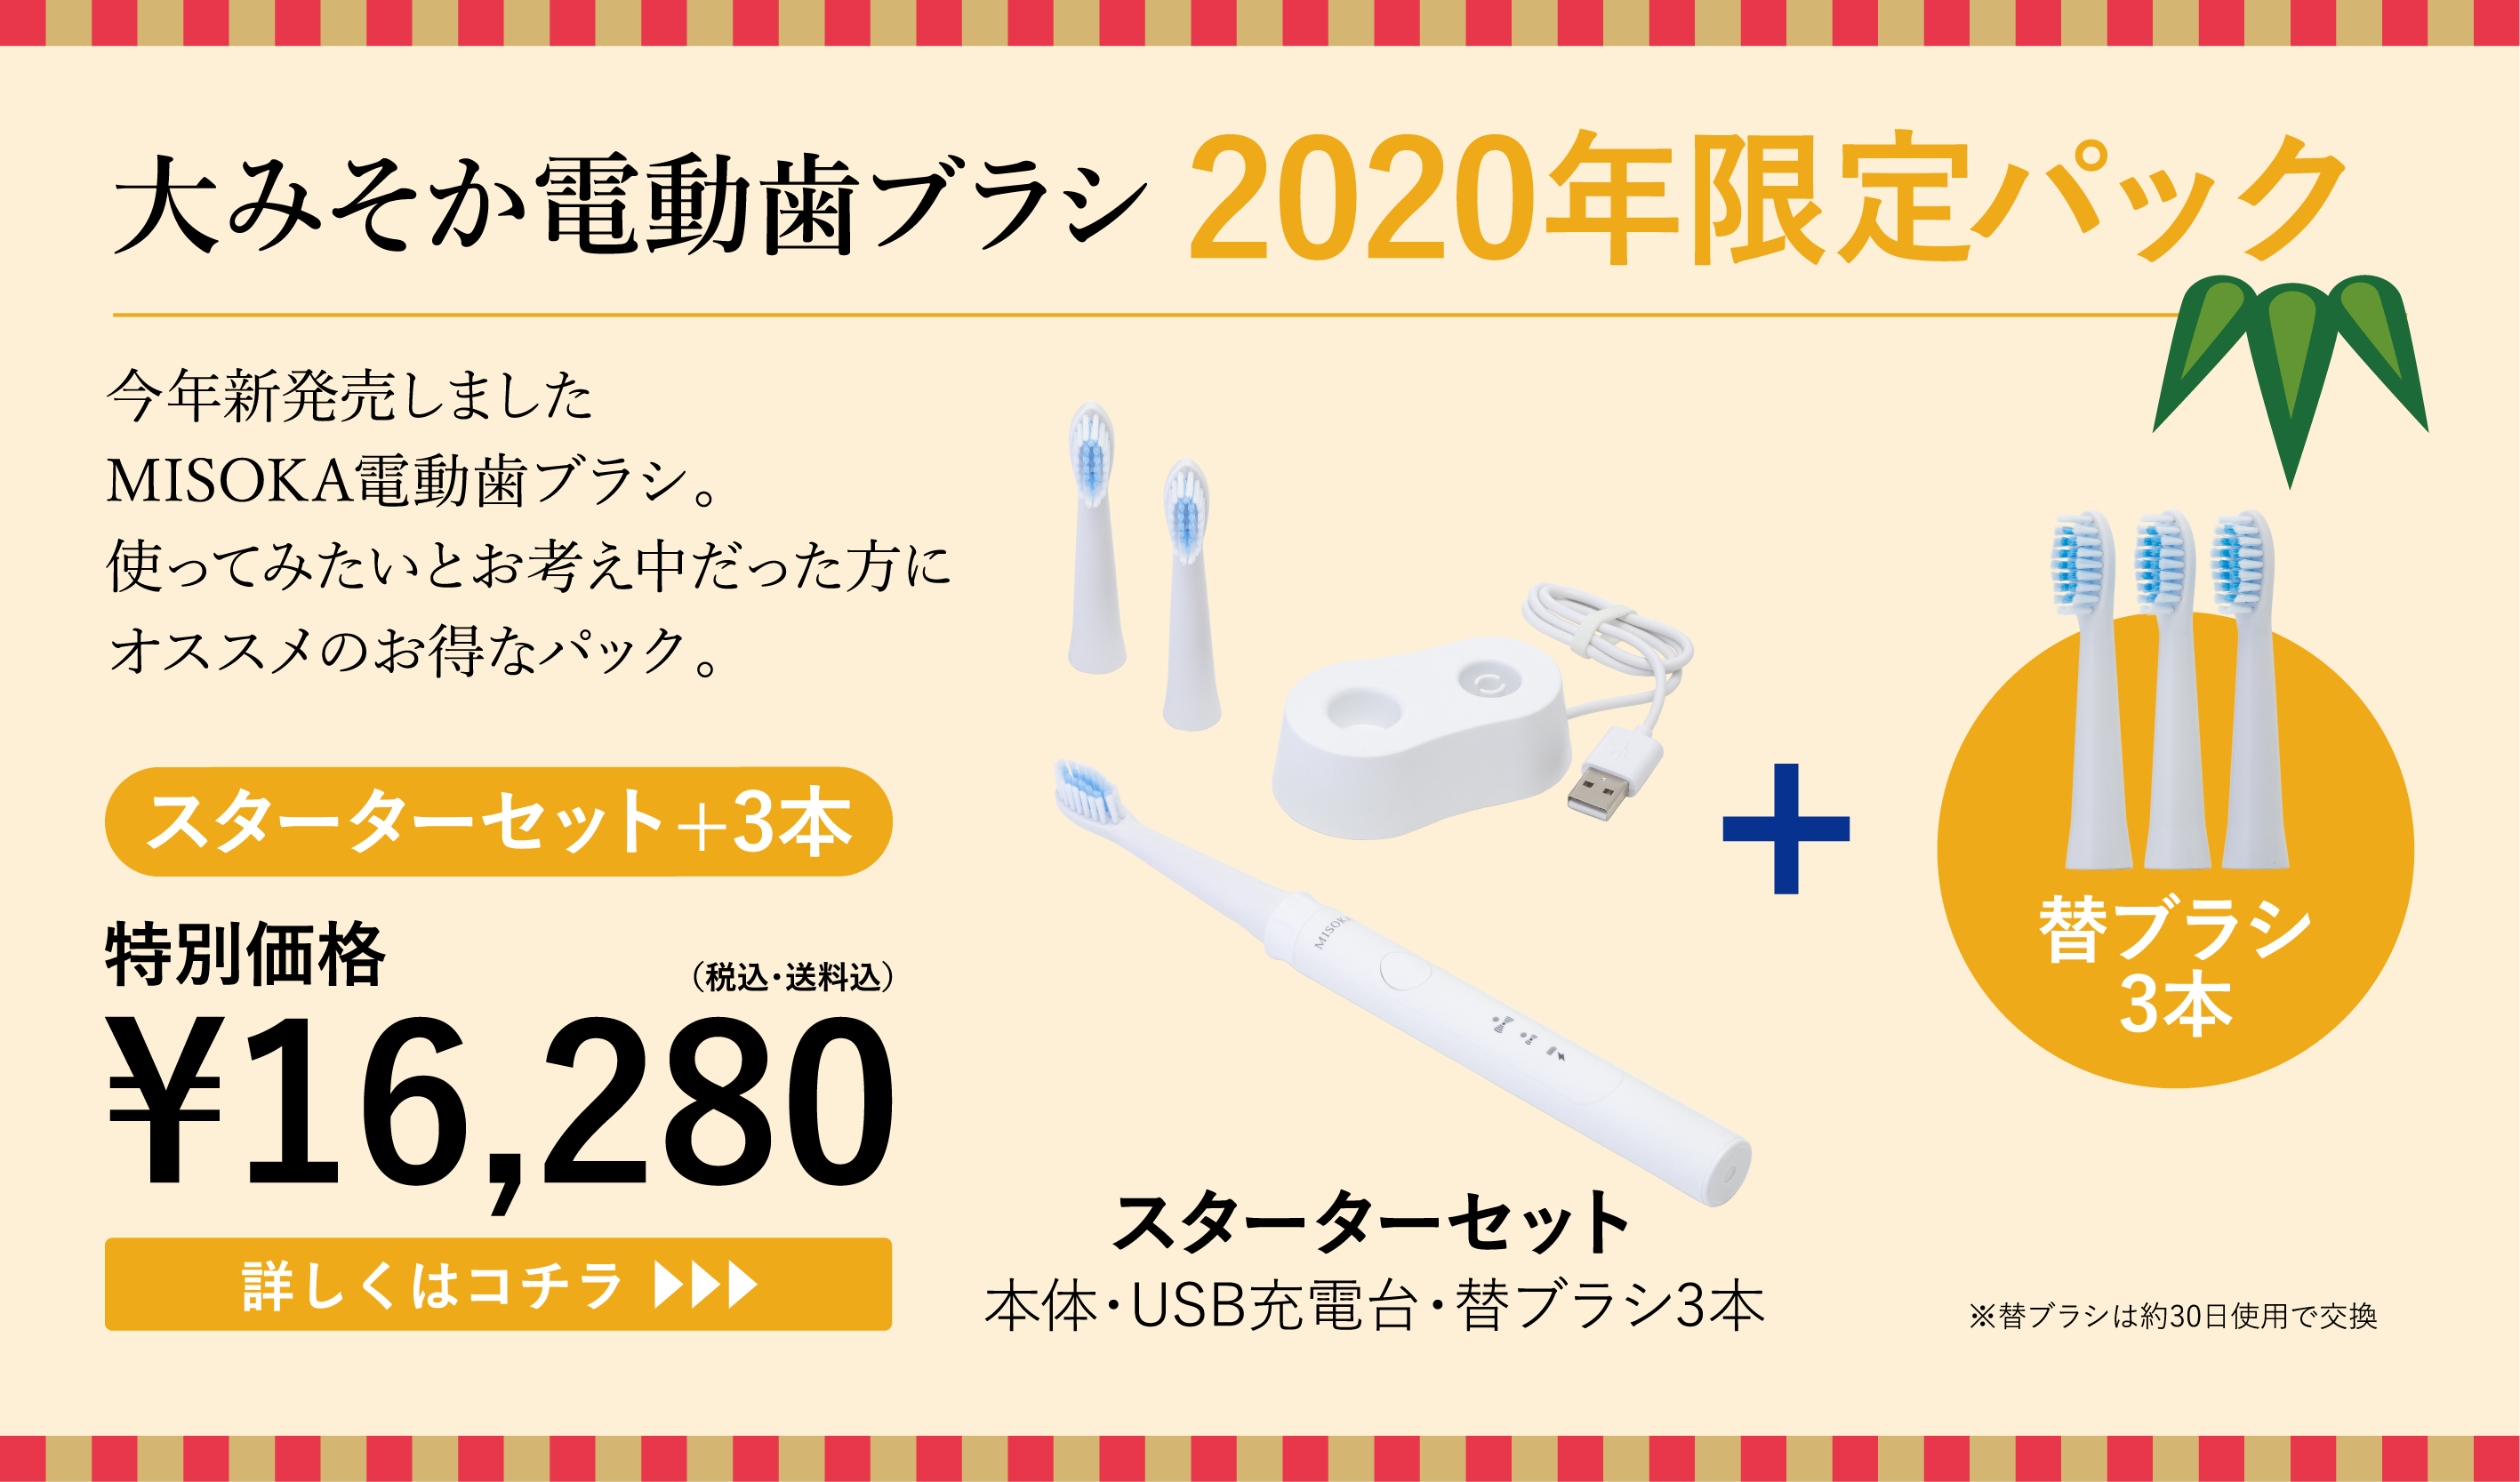 大みそか電動歯ブラシ2020年限定パック